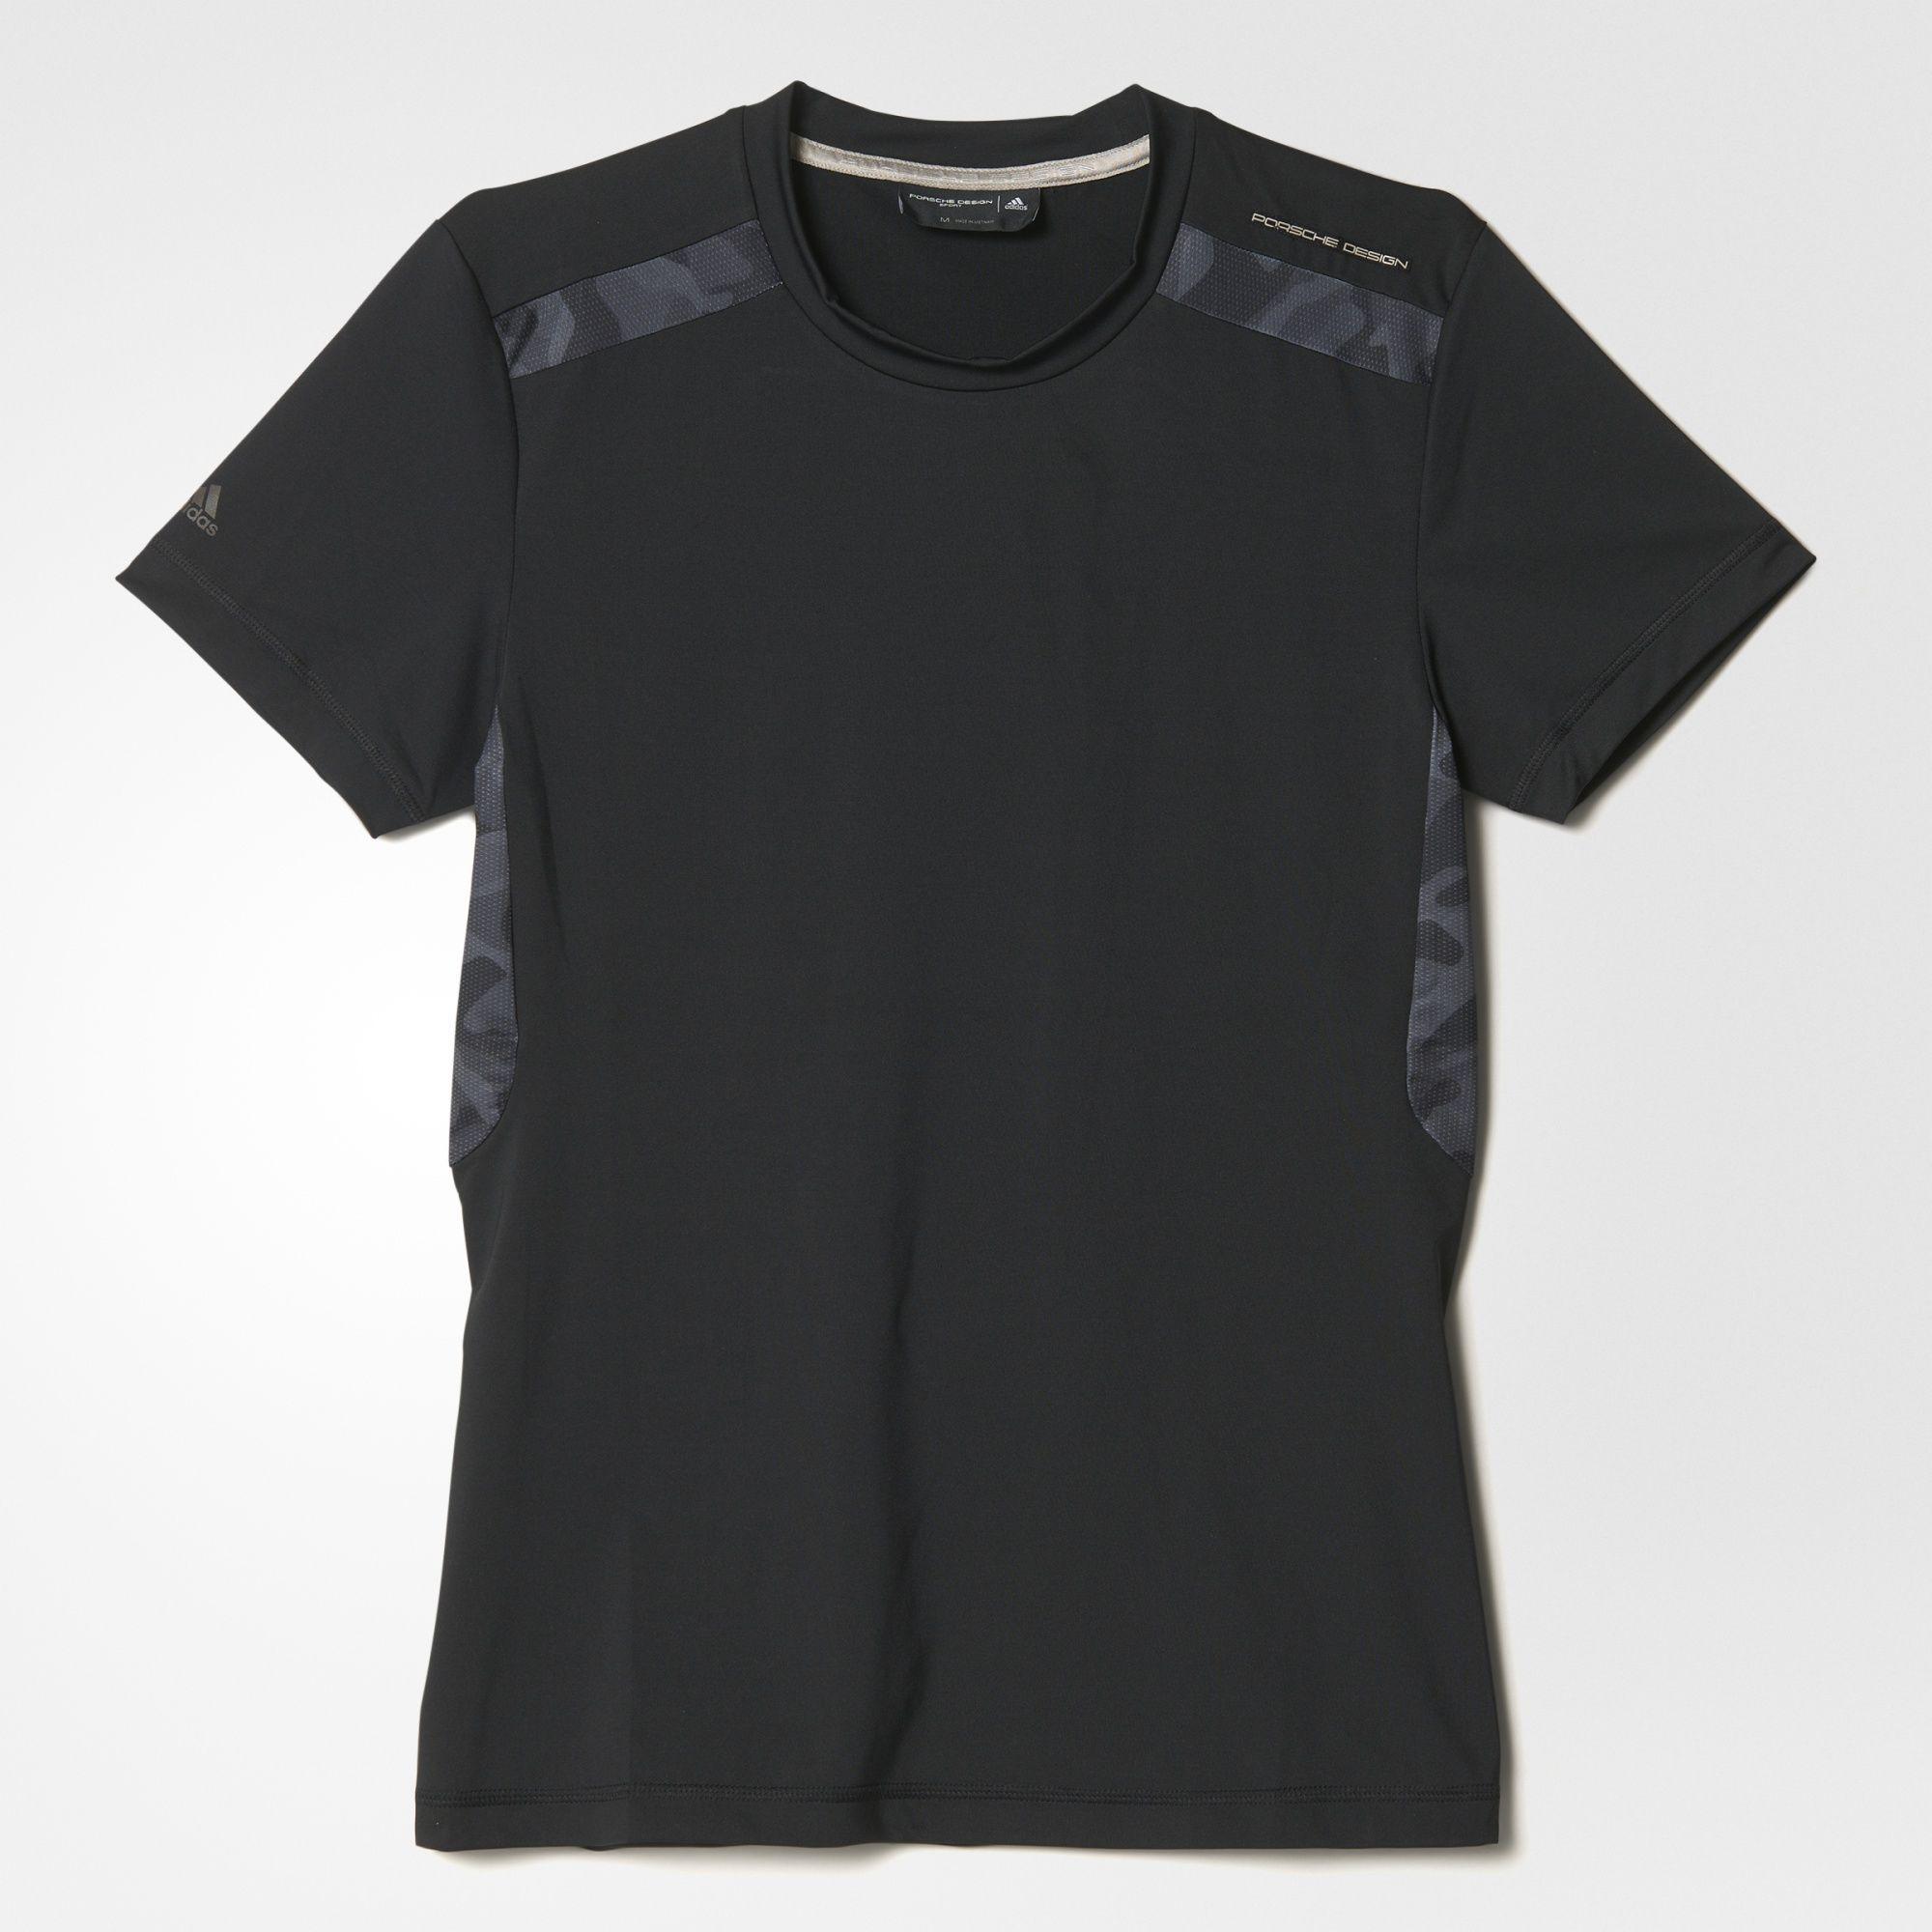 adidas t shirt gemustert